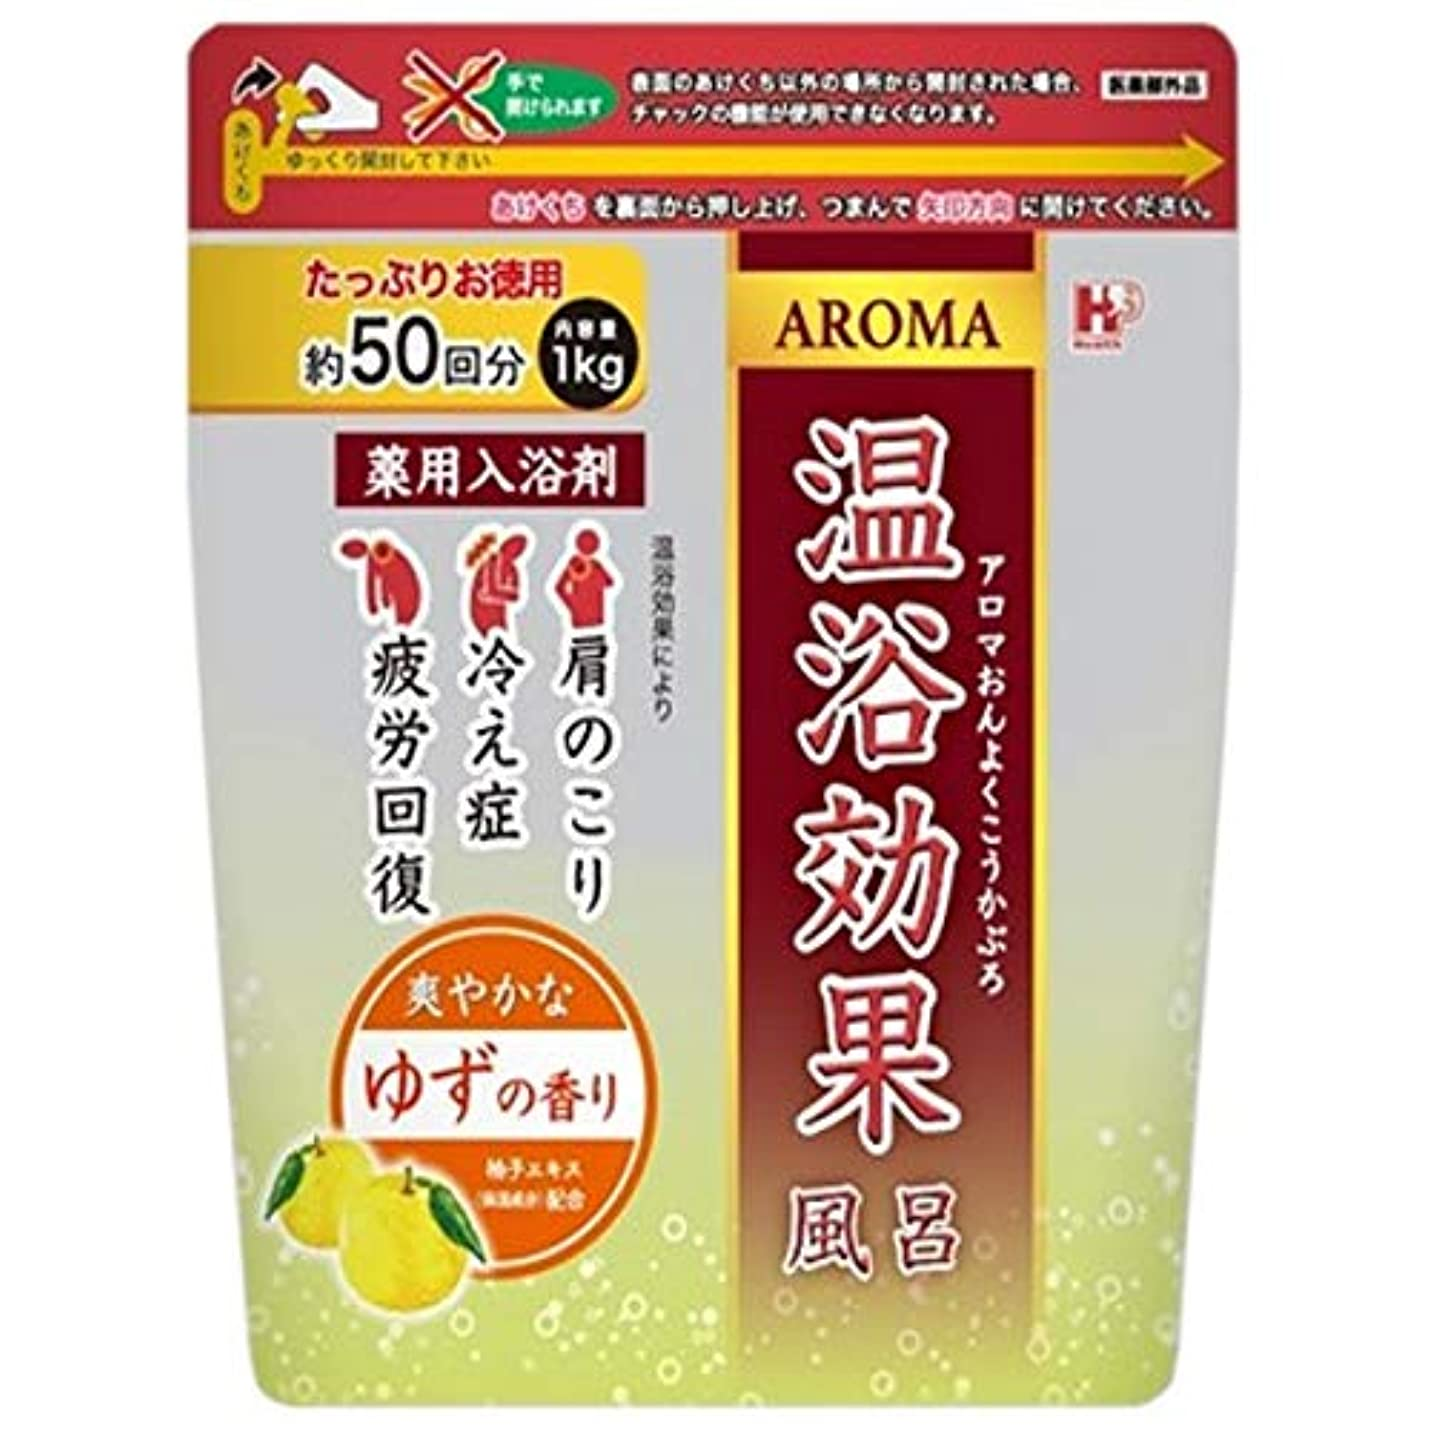 アンソロジー自伝序文薬用入浴剤 アロマ温浴効果風呂 ゆず 1kg×10袋入